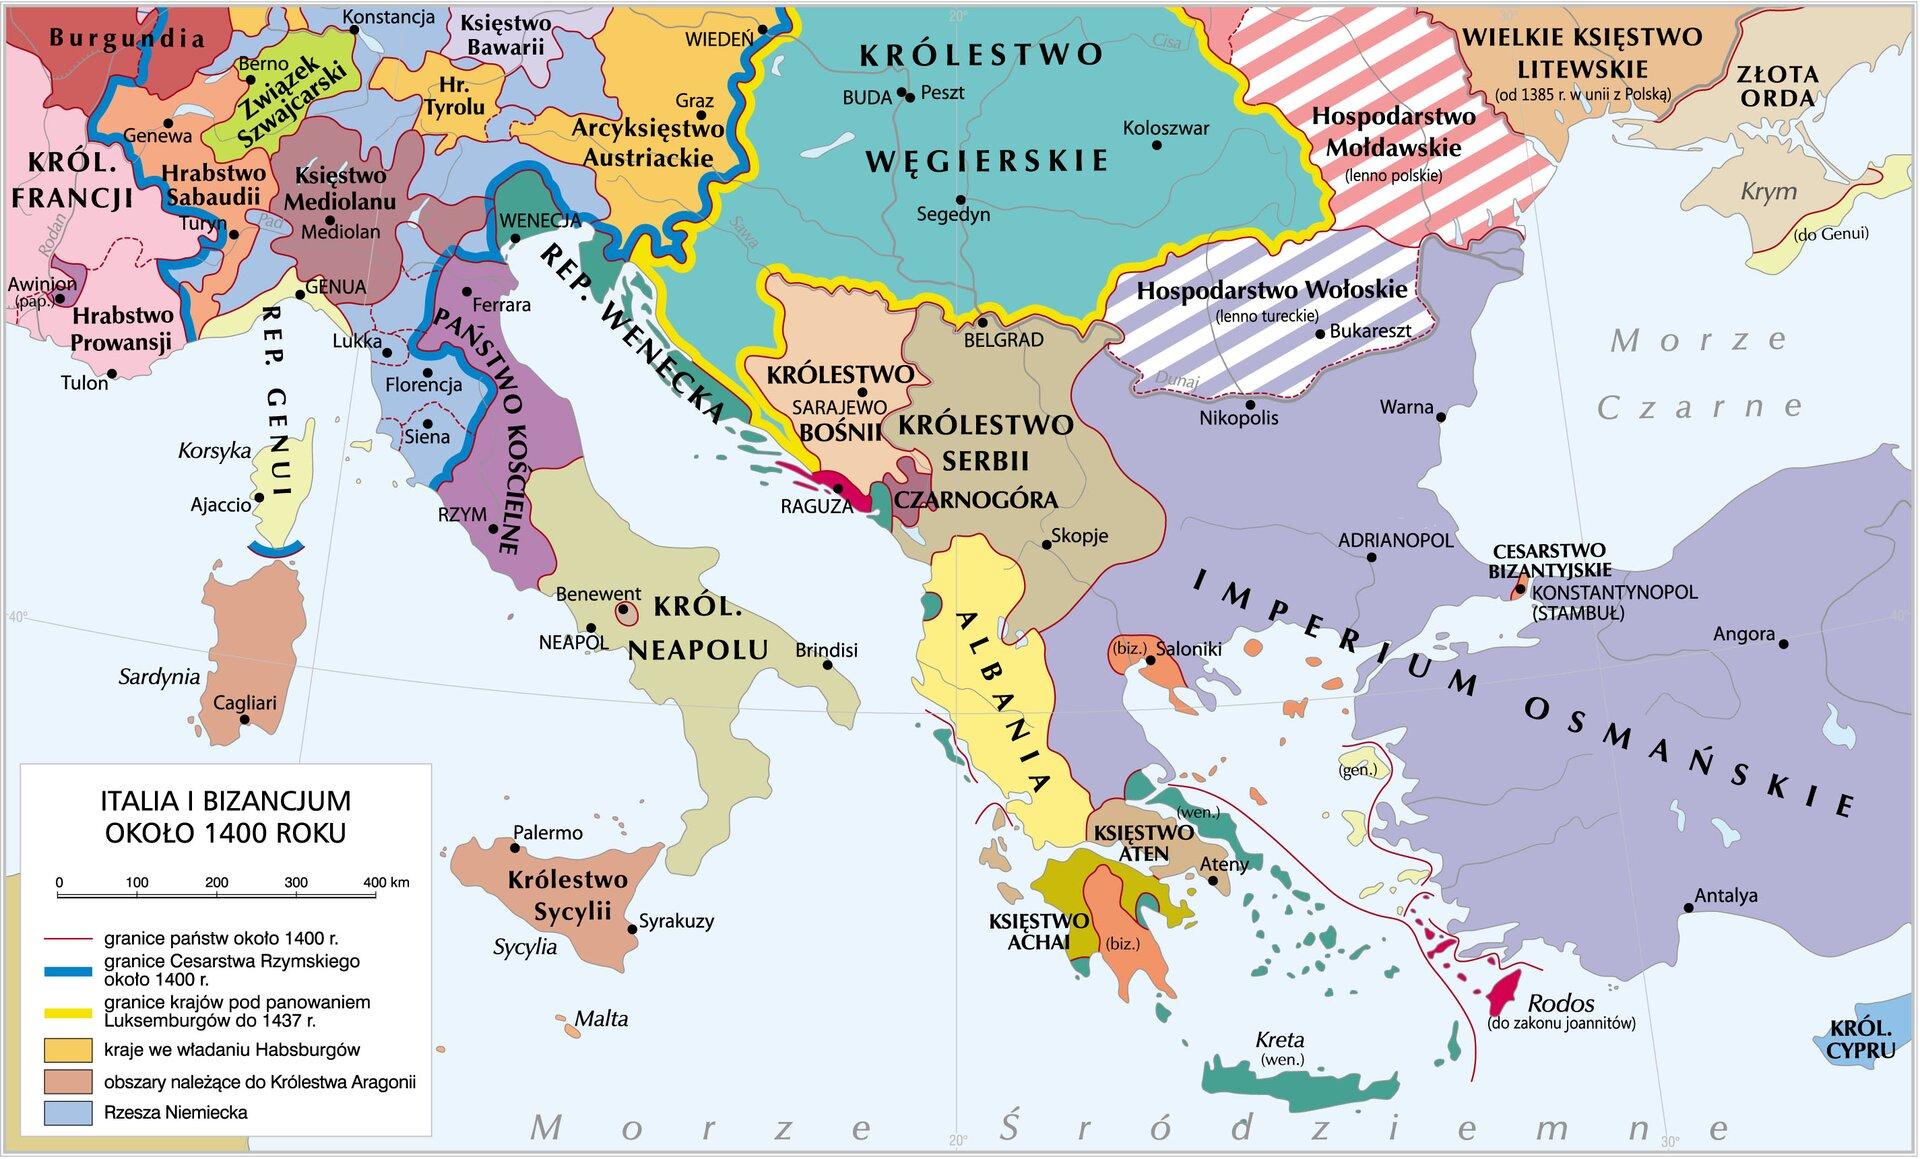 Italia iBizancjum około 1400 roku Italia iBizancjum około 1400 roku Źródło: Krystian Chariza izespół, licencja: CC BY 4.0.